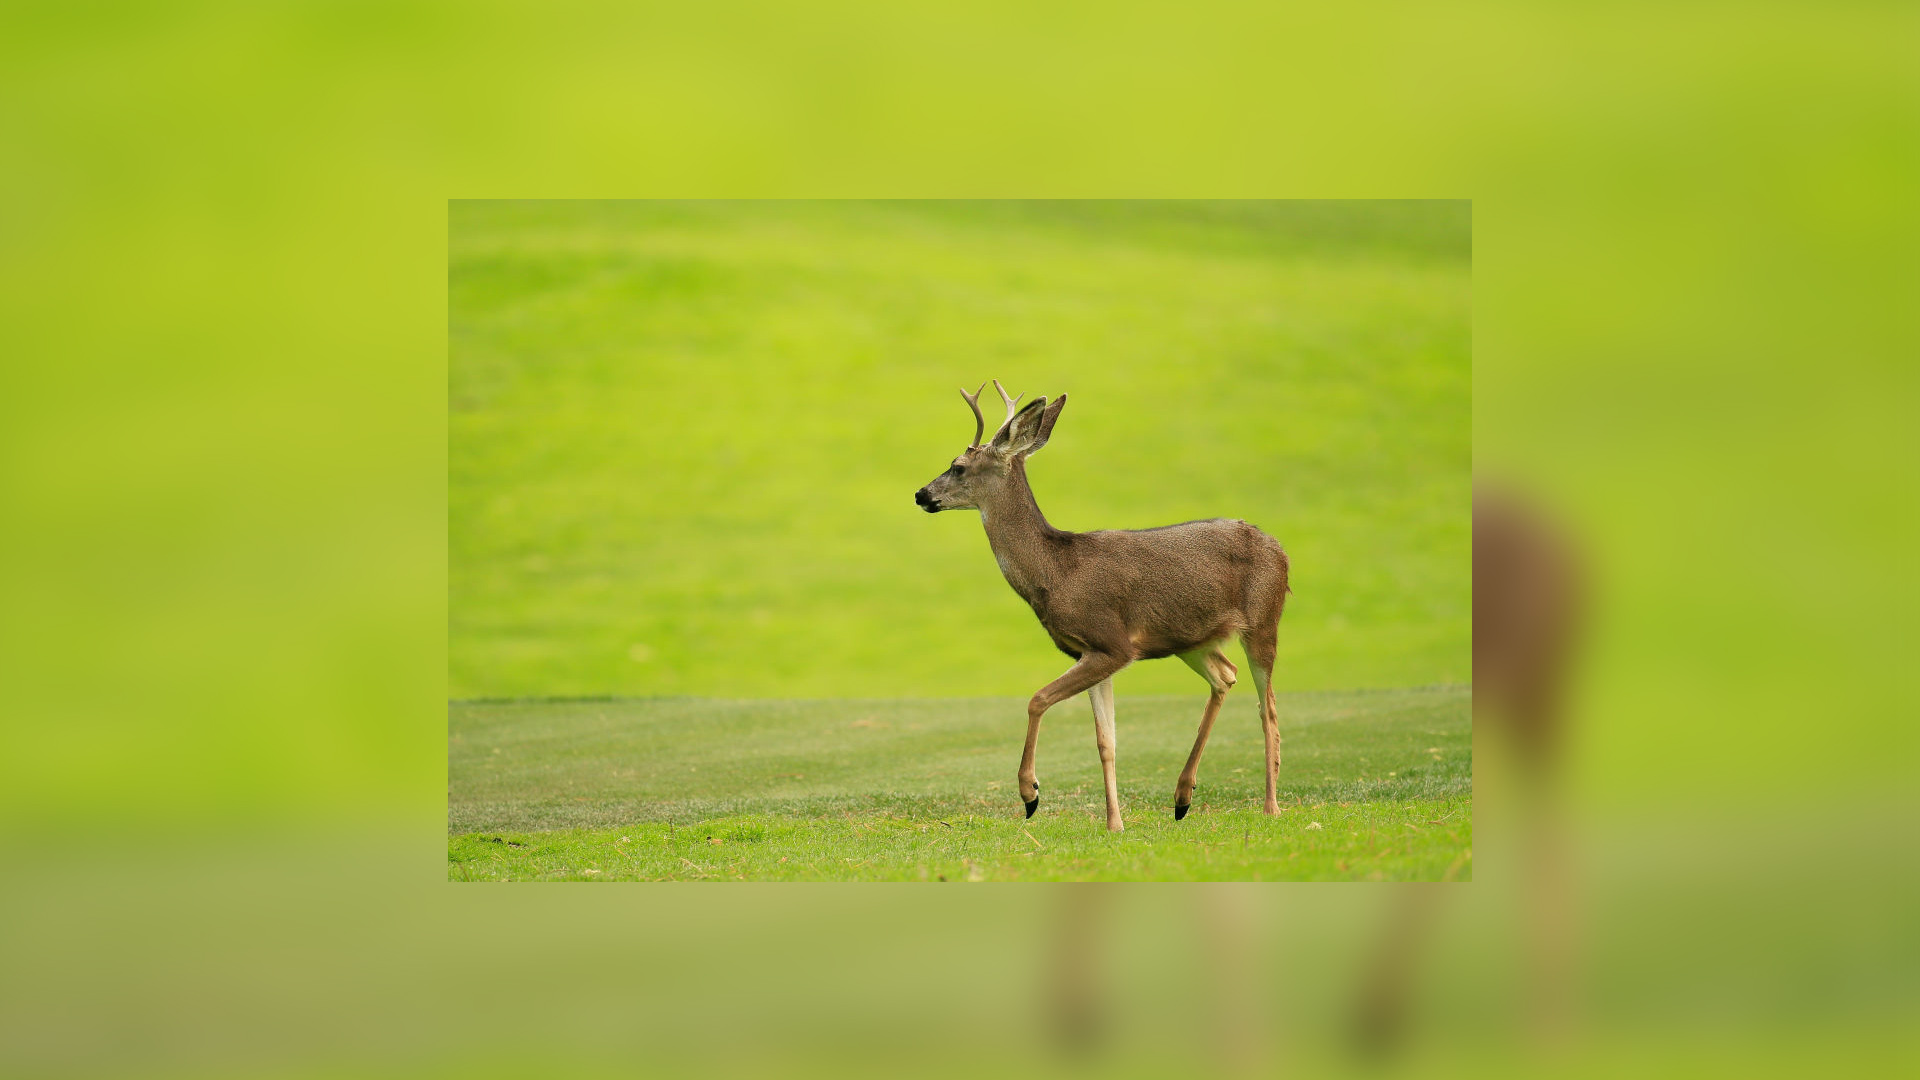 Deer Getty_1555519038120.jpg.jpg